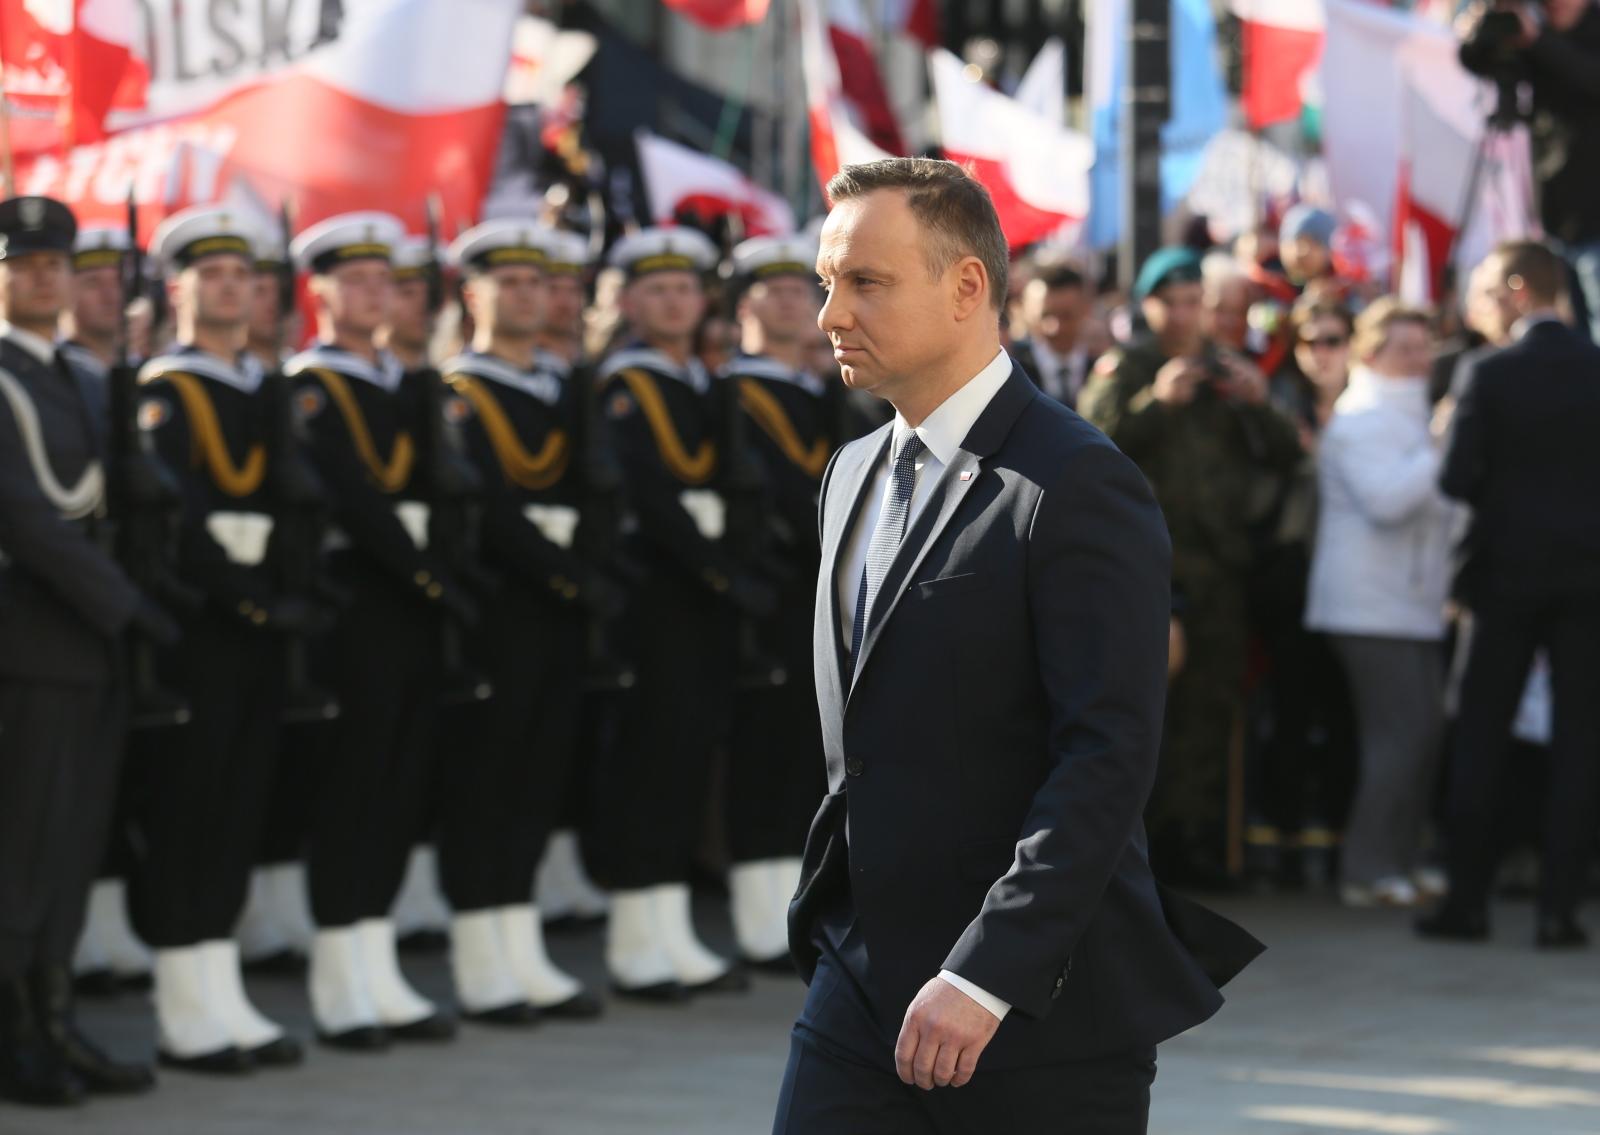 Obchody 7. rocznicy katastrofy smoleńskiej - prezydent Andrzej Duda podczas uroczystości przed Pałacem Prezydenckim.